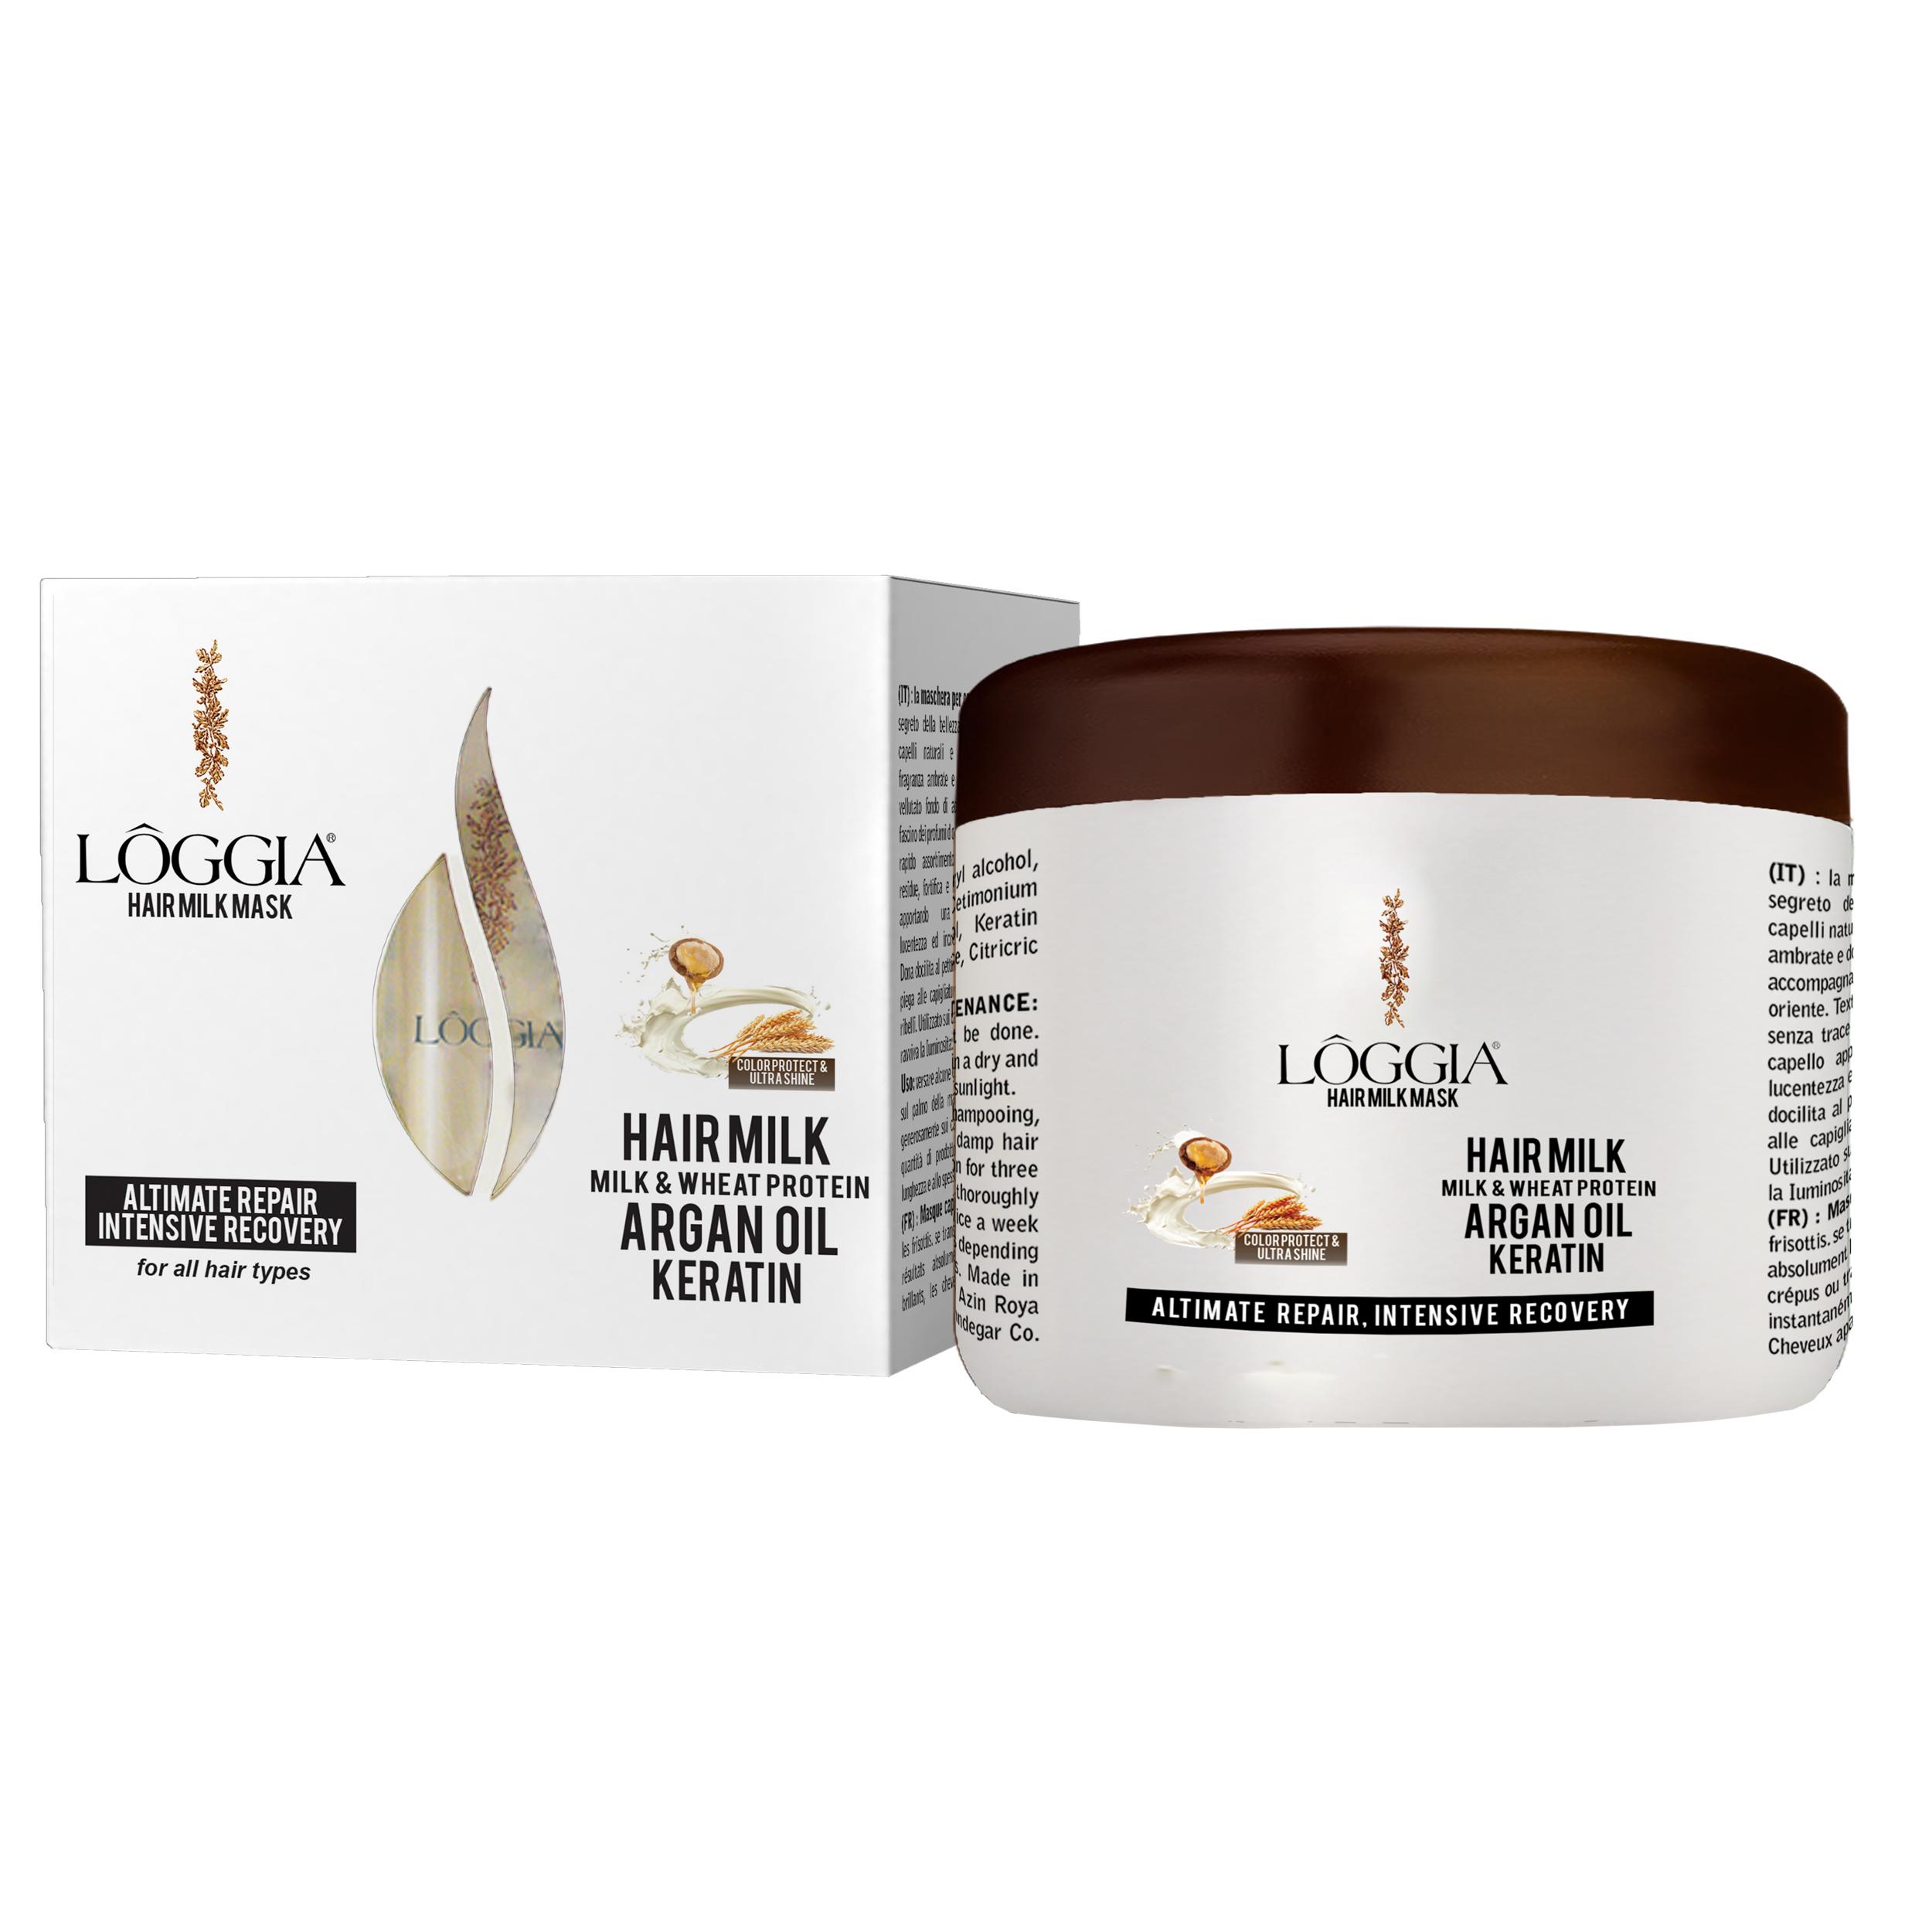 خرید                     ماسک شیر مو لوجیا کد AM4 حجم 500 میلی لیتر